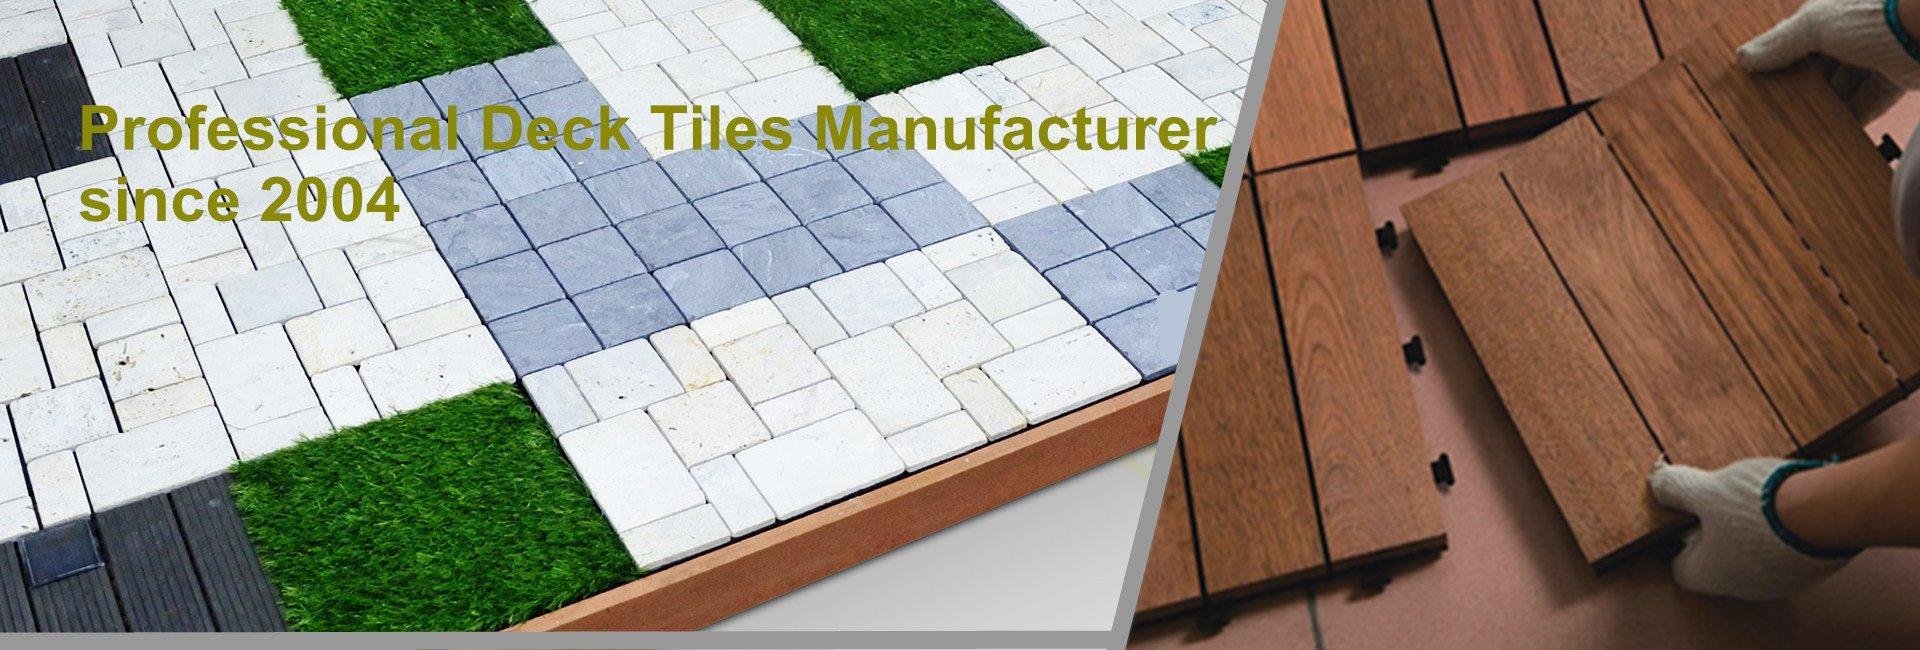 deck tiles manufacturer